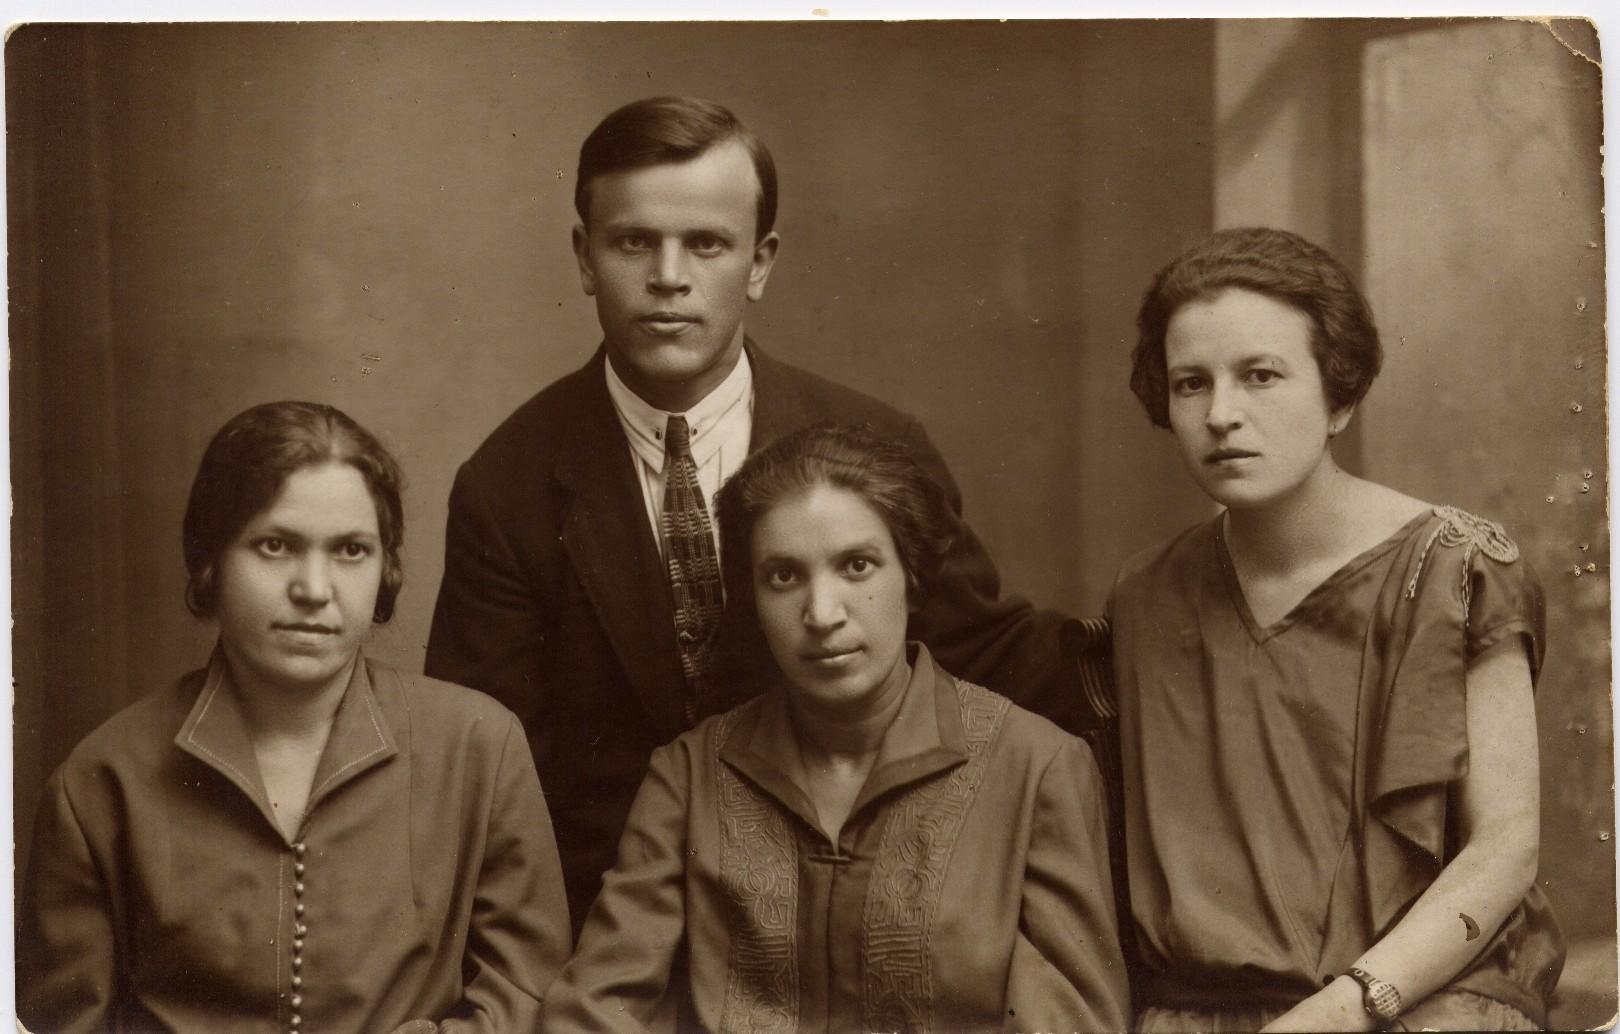 А это моя бабушка уже в Москве, со своими сестрами Анной и Александрой и моим дедом (поженились недавно). Крестьянские дети. Она готовится поступать в Первый медицинский, а пока работает заливщицей калош на заводе «Красный треугольник», тяжелое и вредное производство. Дед с его четырьмя классами церковно-приходской школы поступает на рабфак, чтобы немыслимым усилием за год превзойти школьную премудрость и потом поступить на химфак МГУ.